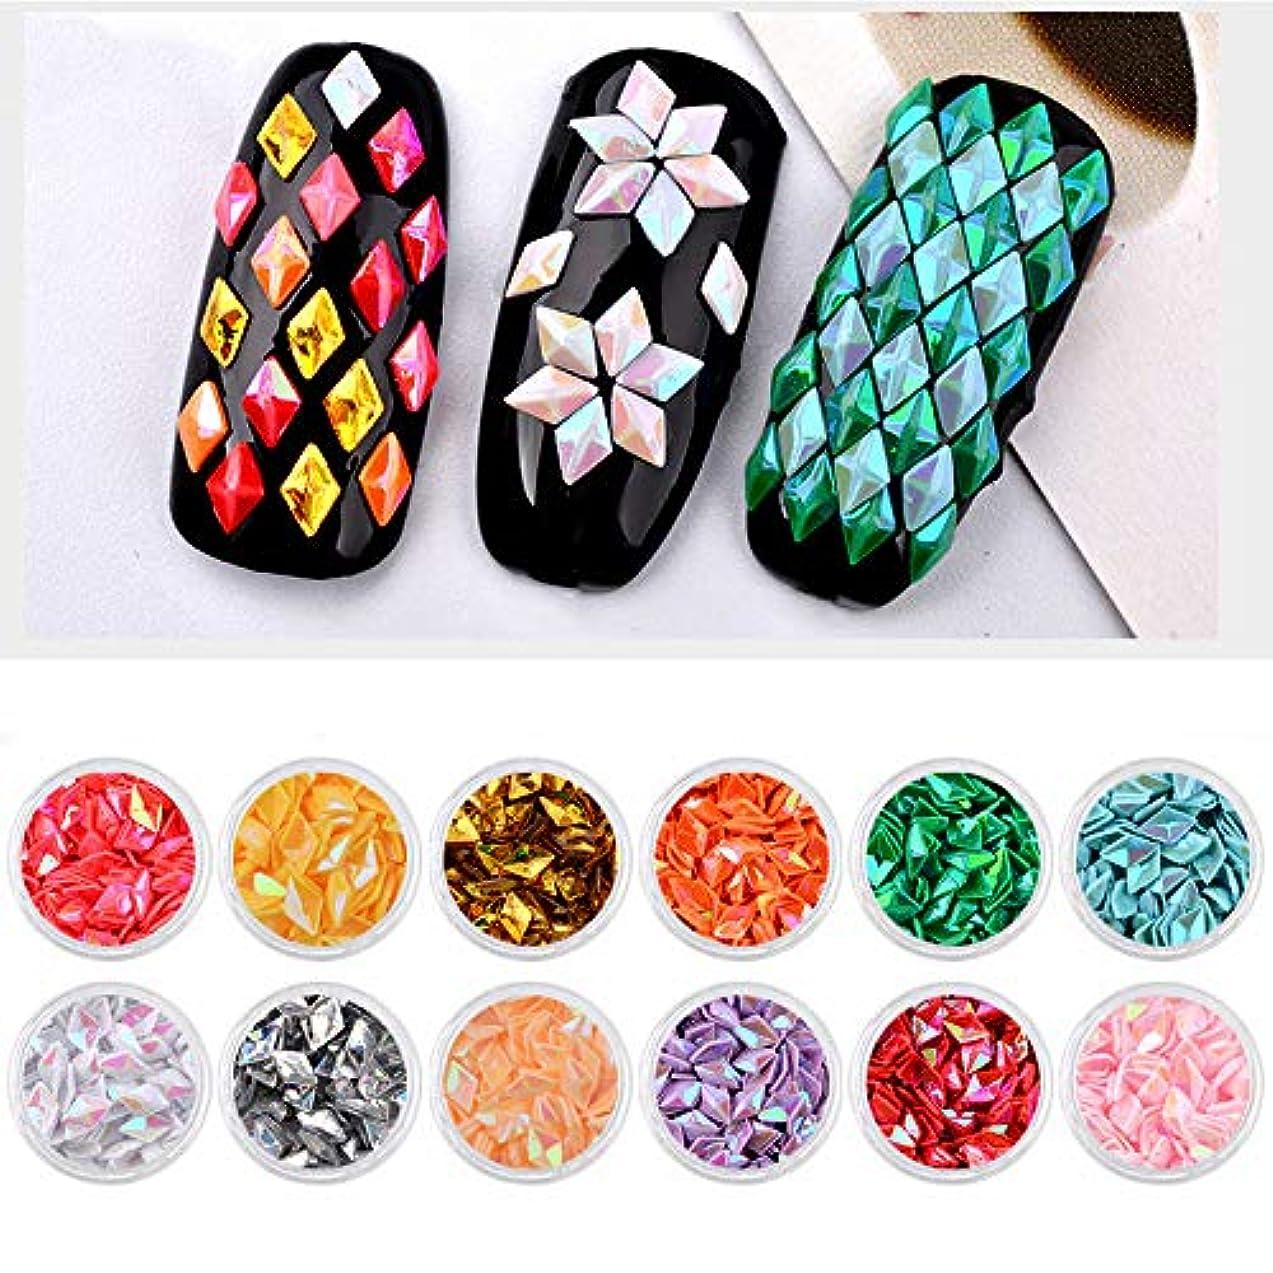 急いで密輸華氏12色ダイヤモンド形状デザインネイルアートグリッター光沢のあるスパンコールdiy 3dネイルアート装飾用ネイルアートチャーミングネイルセット